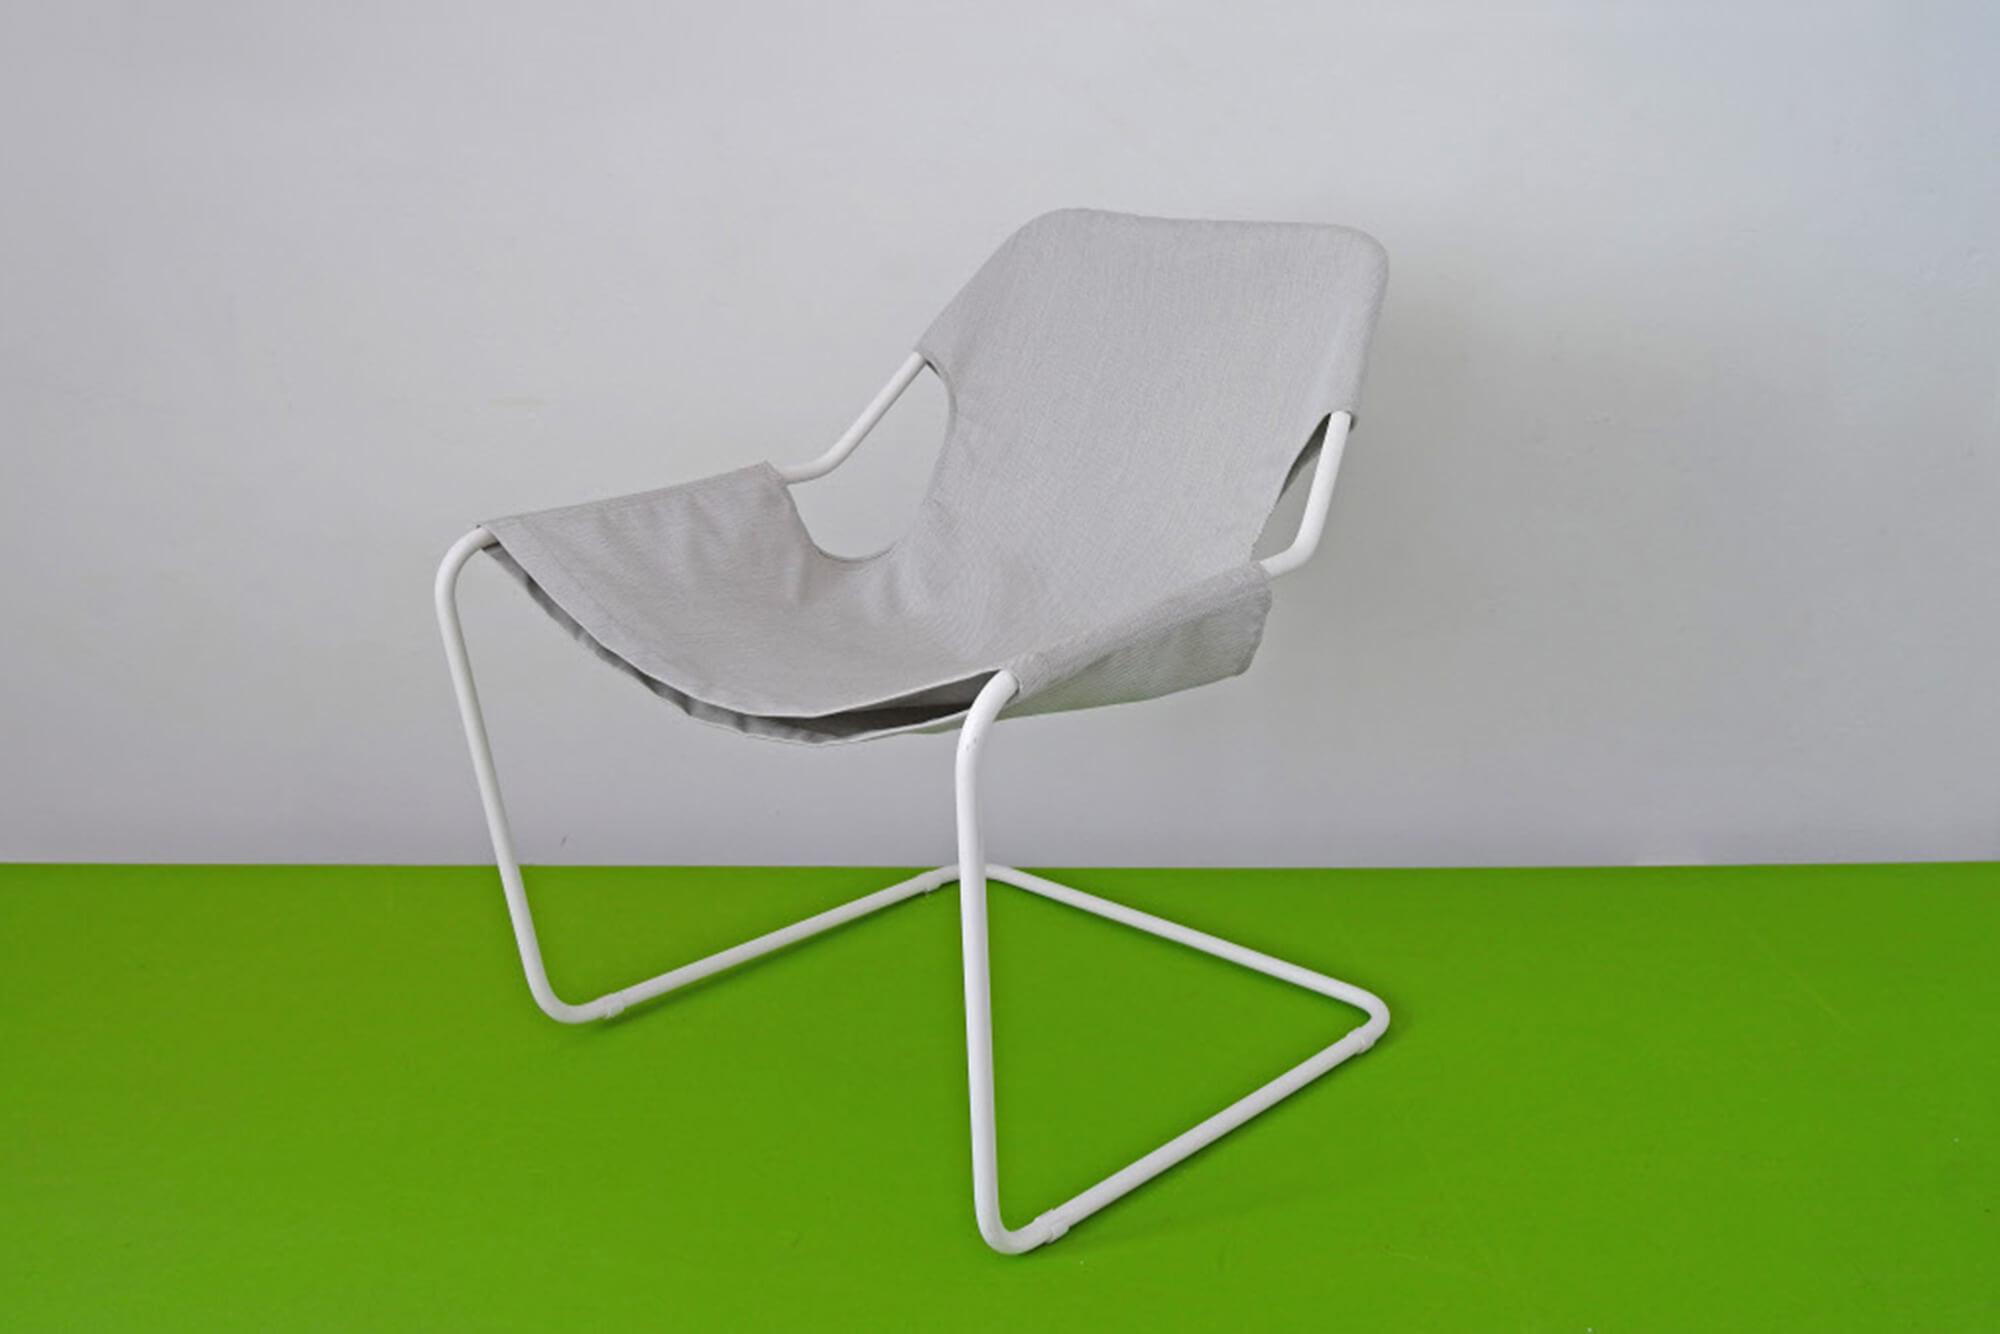 Gri Sunbrella kumaşları ve bir beyaz metal gövdeye sahip bir koltuk